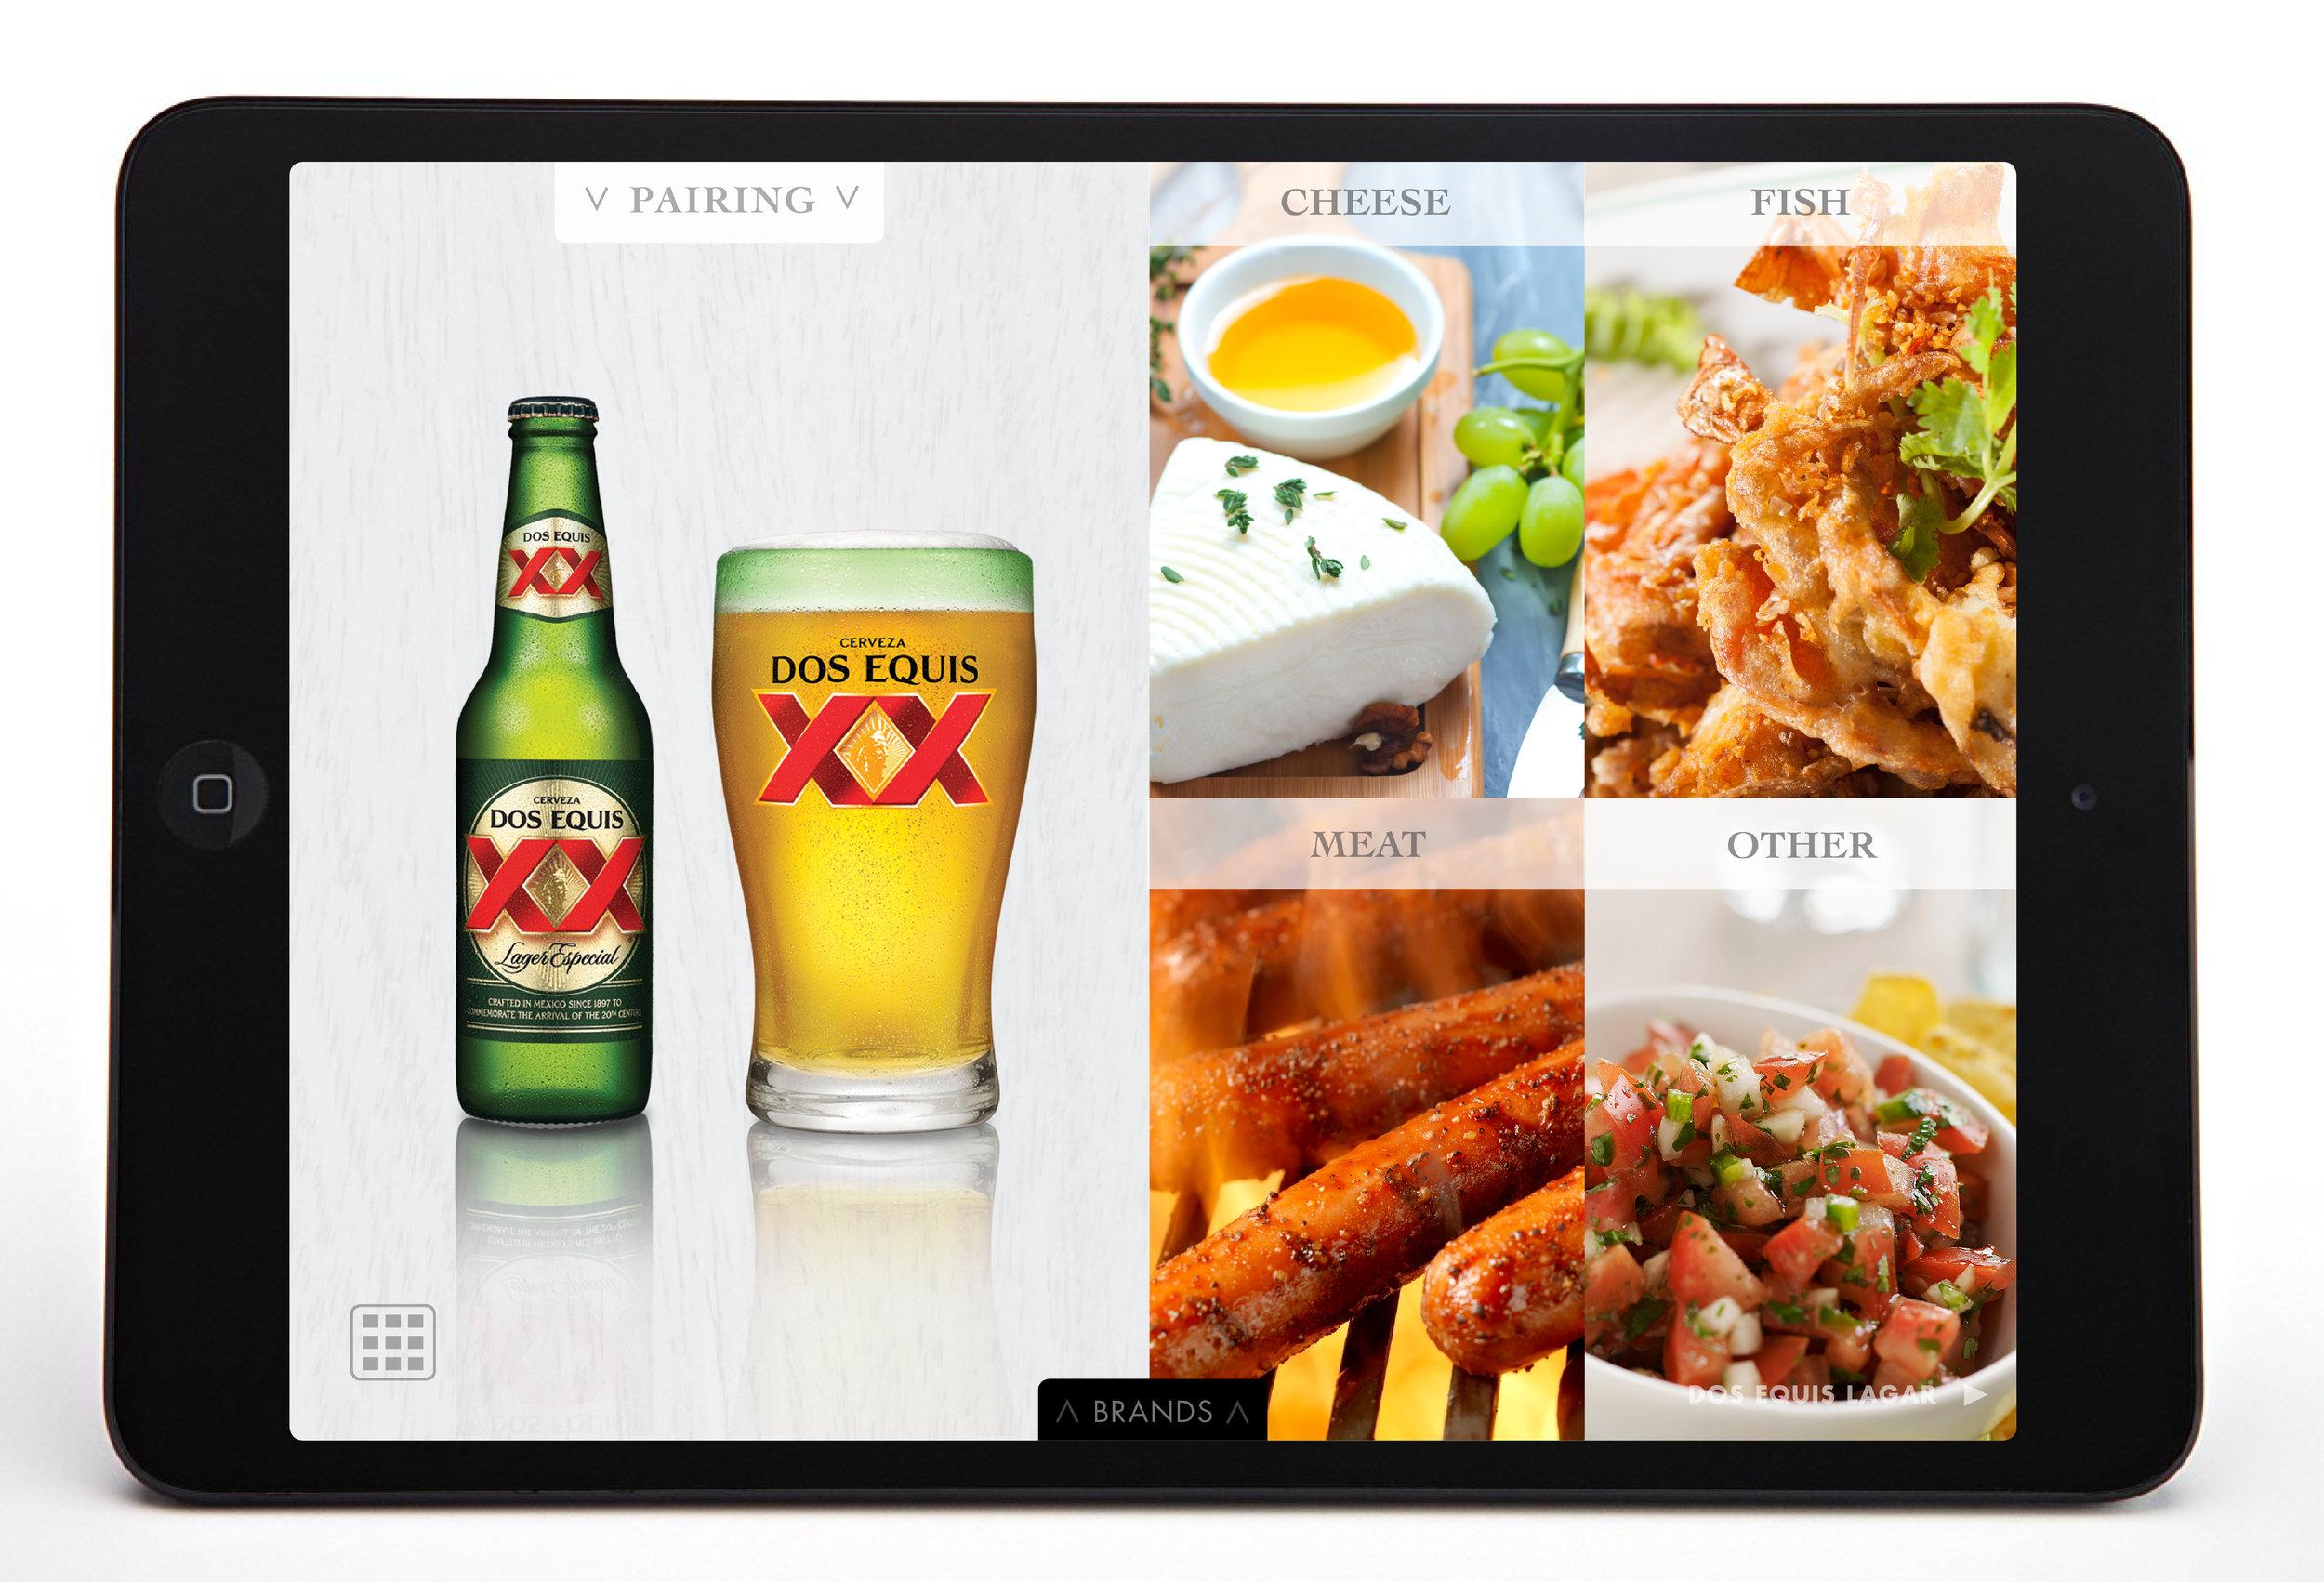 Heineken-food&beer pairing-interactive book25.jpg